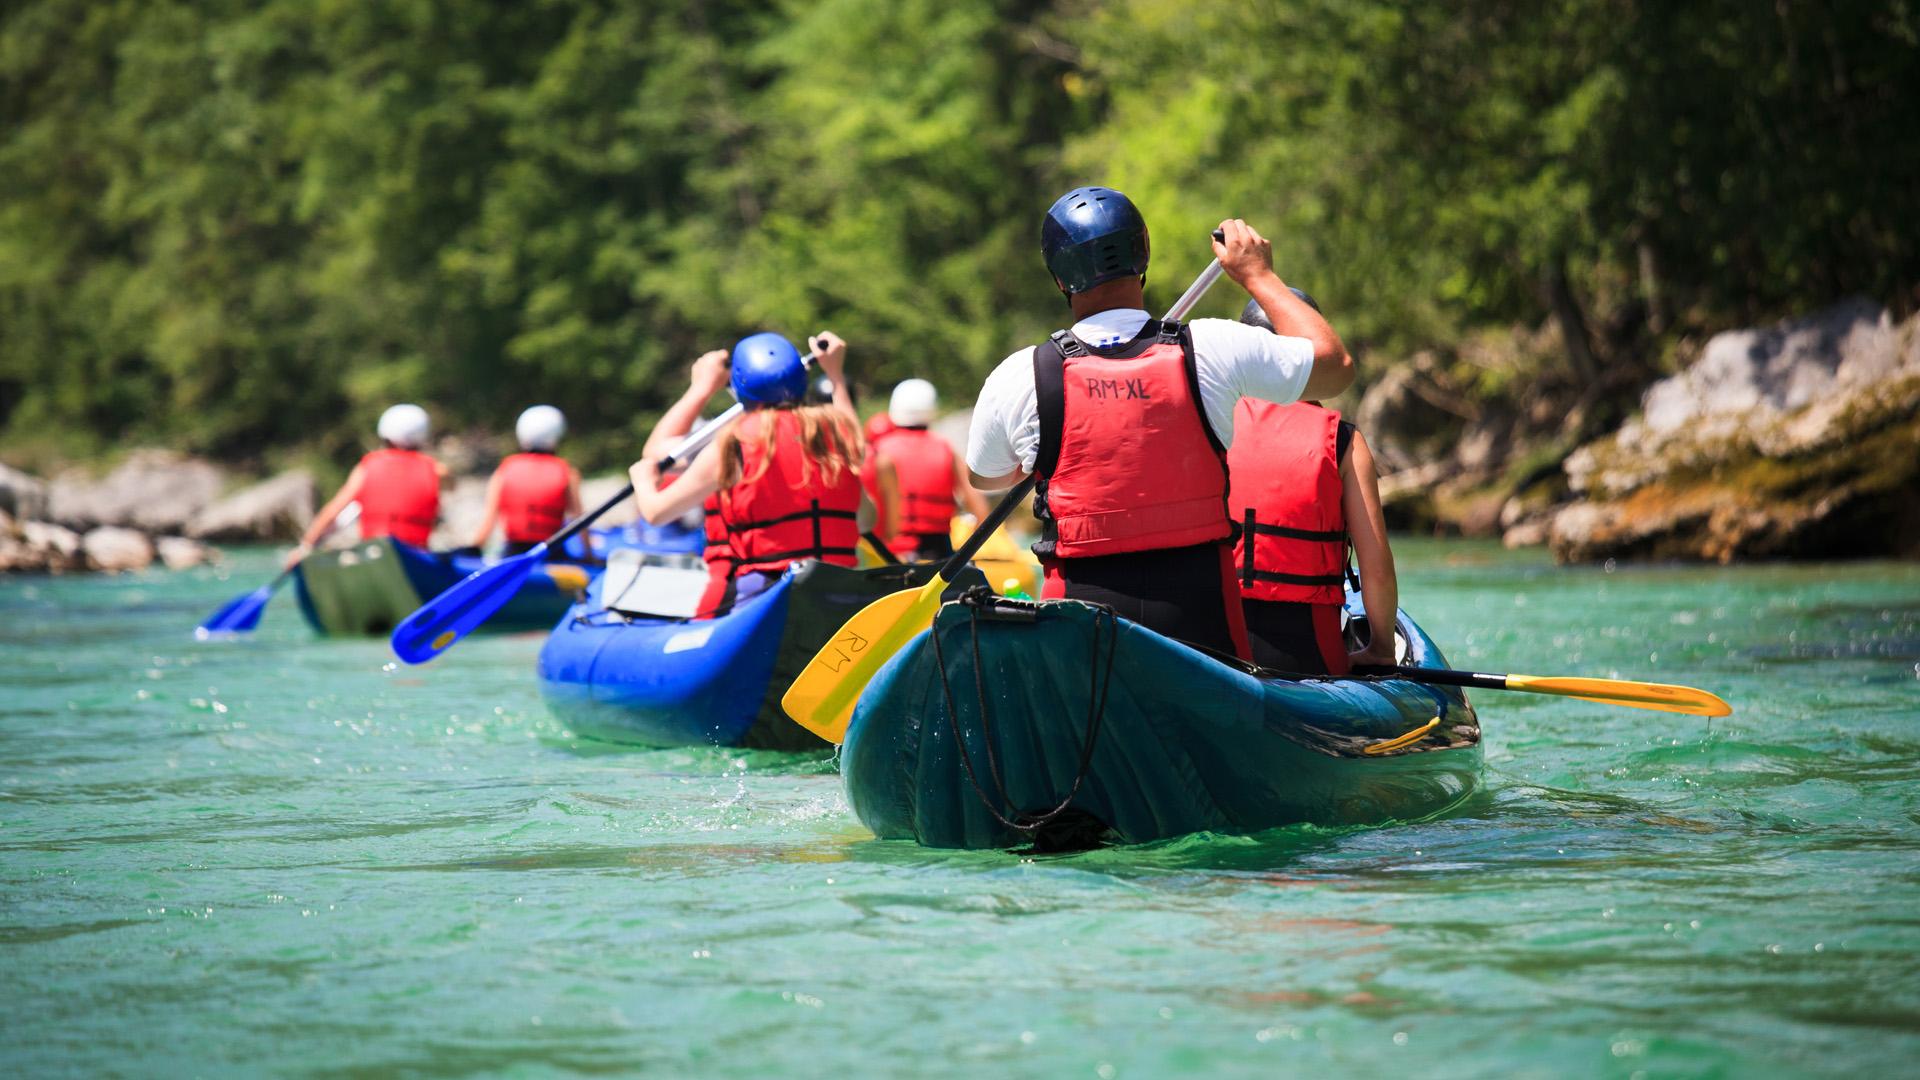 Focalizándose enArgentina, los lagos y ríos que abundan en la Cordillera de los Andes son ideales para el kayaking